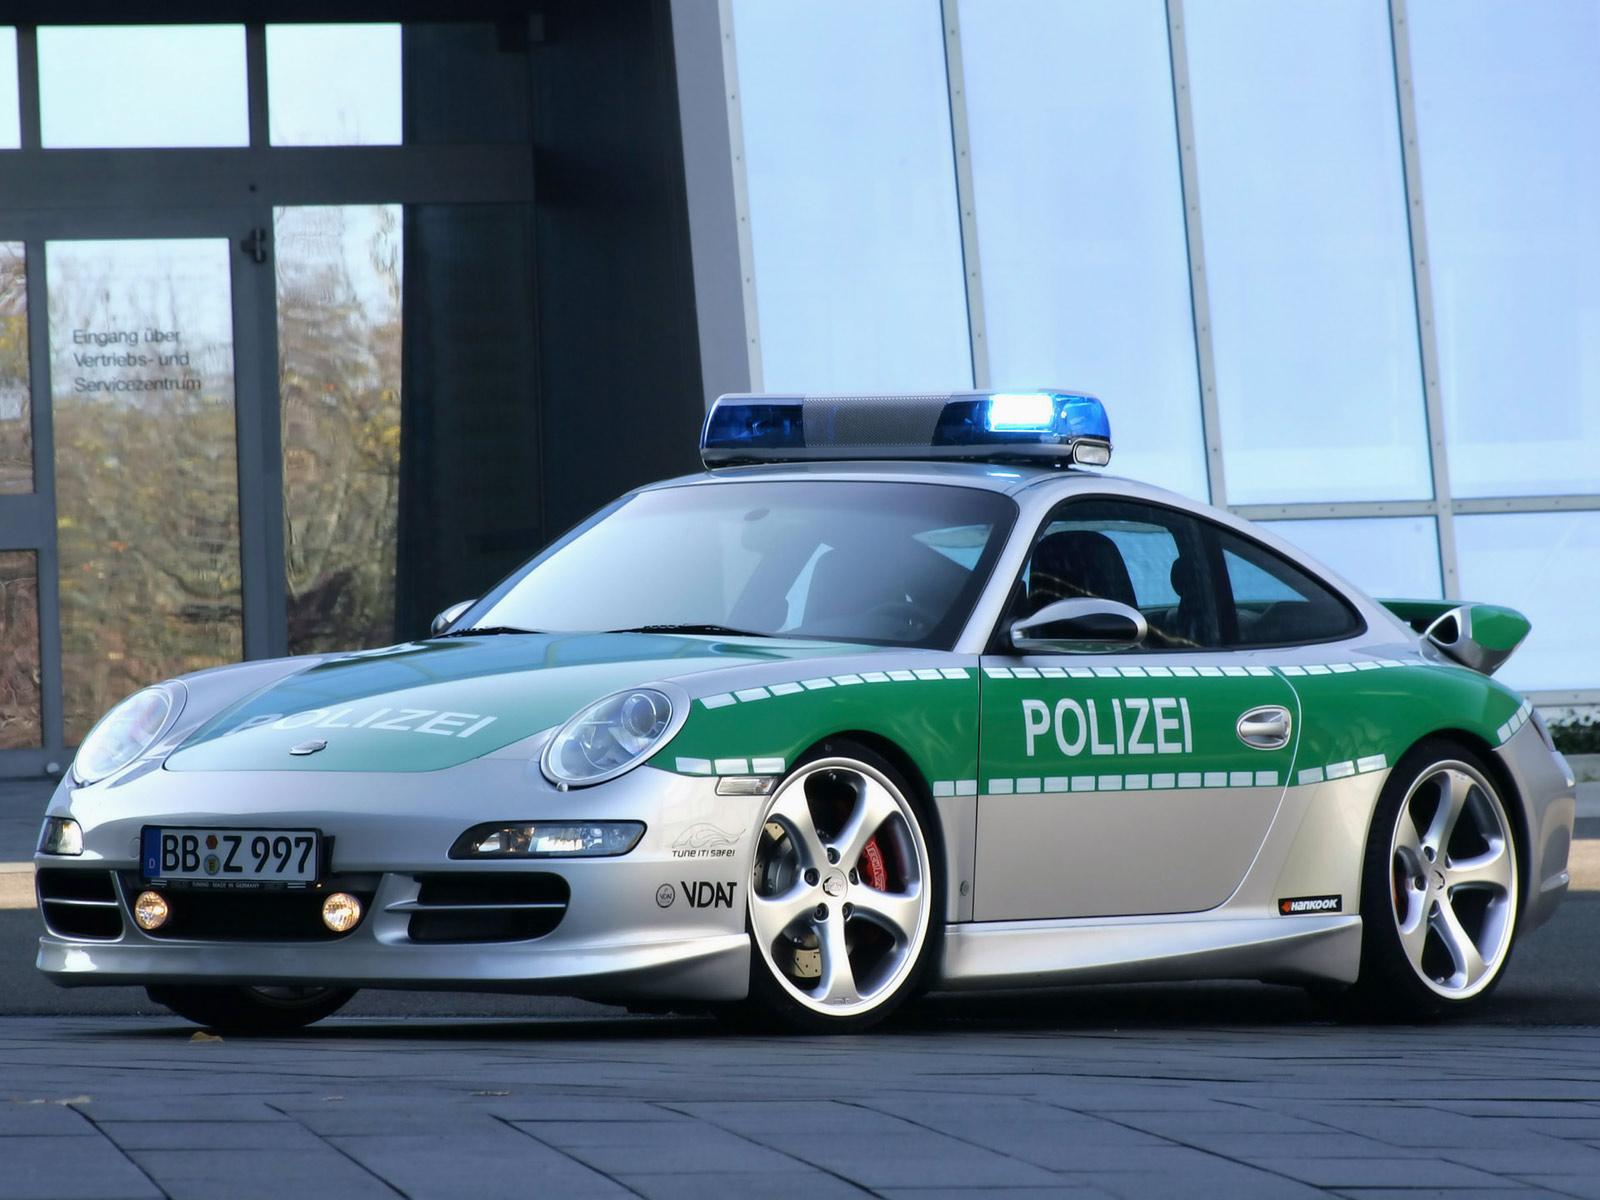 Cool Porsche 911 Police Car.